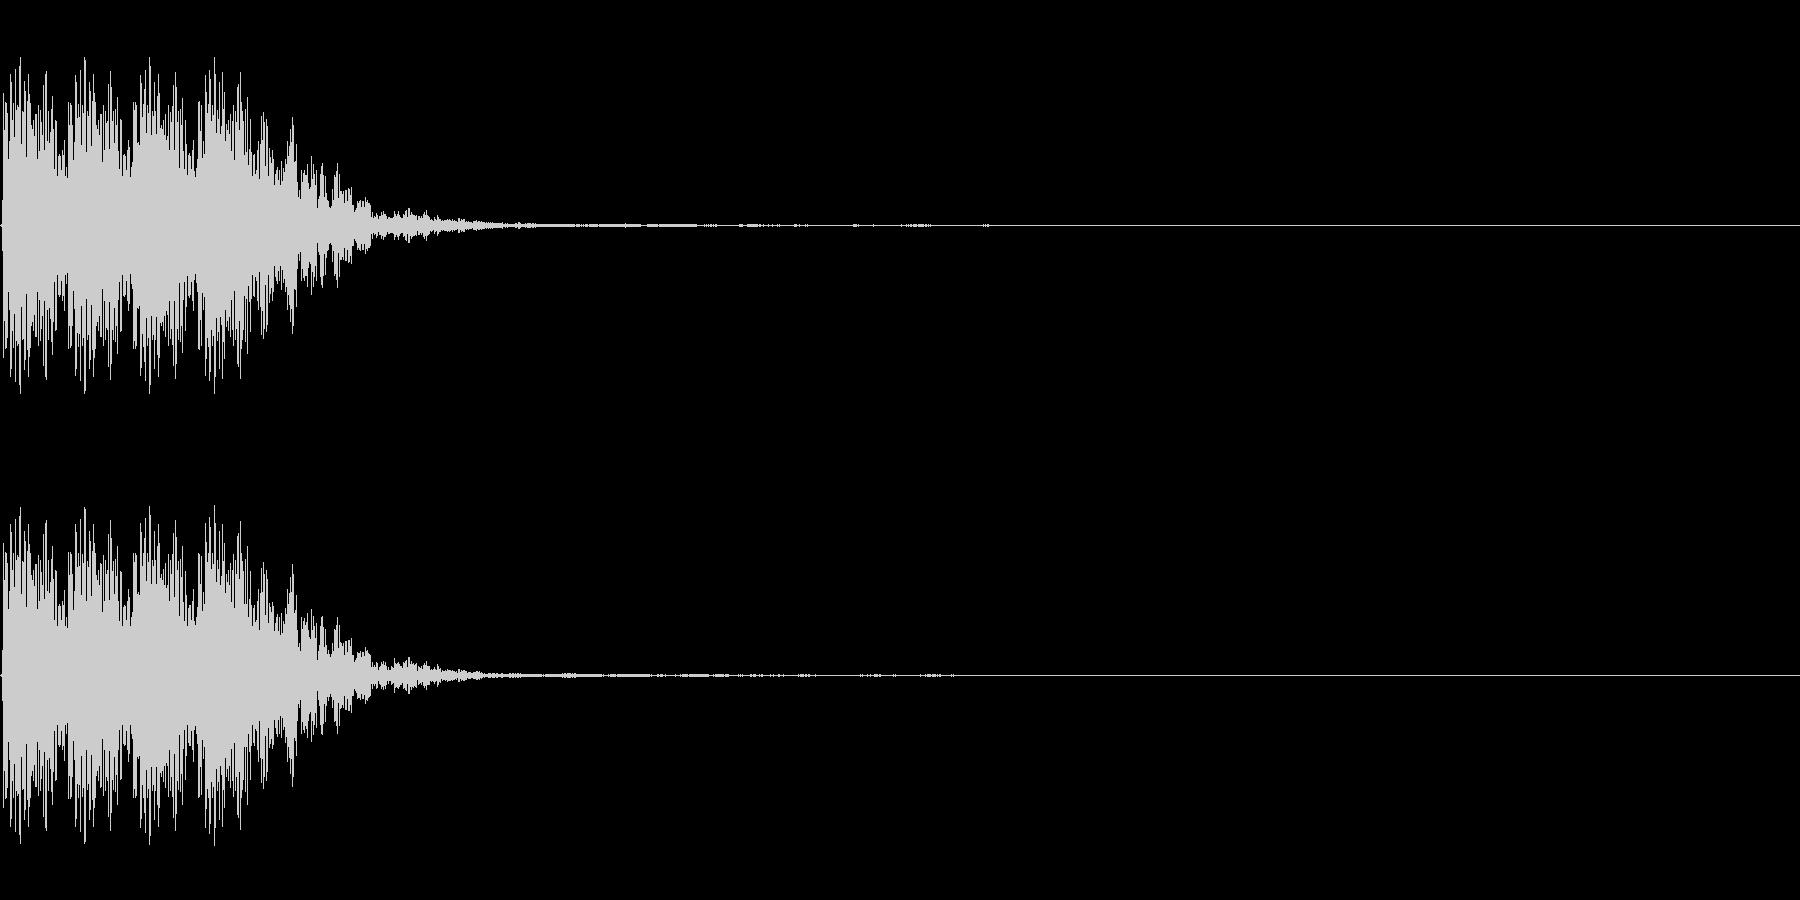 連打 チョップ ツッコミ キック の未再生の波形